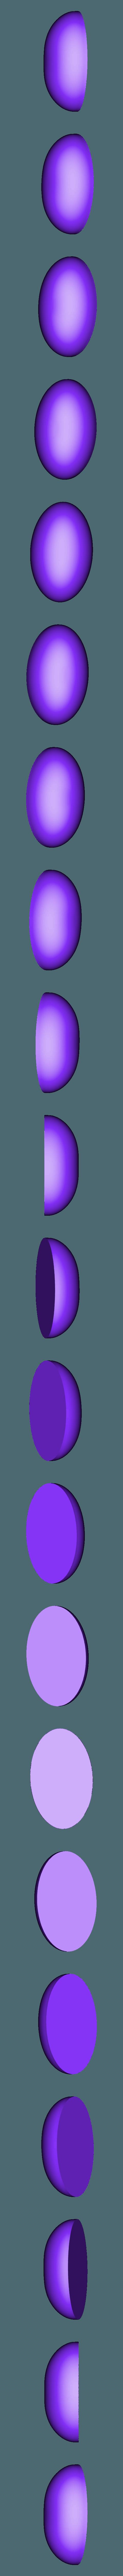 Eye_Inside_Black+2.stl Download free STL file Rainbow Toucan • 3D printing template, 3rdesignworks